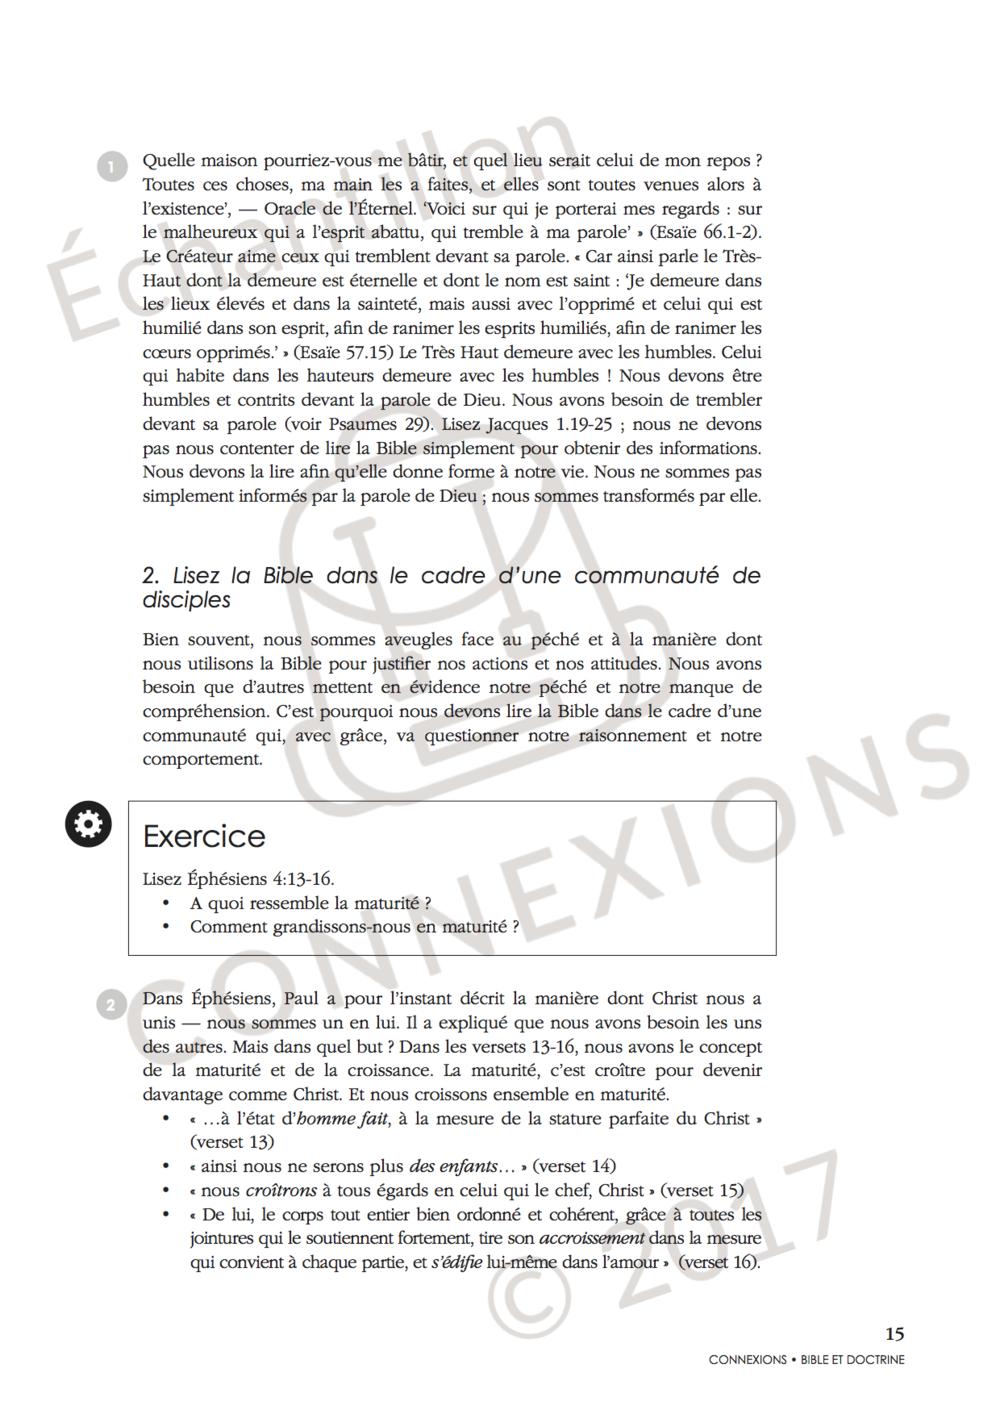 Connexions_Comprendre le récit biblique_sample_published.4.png